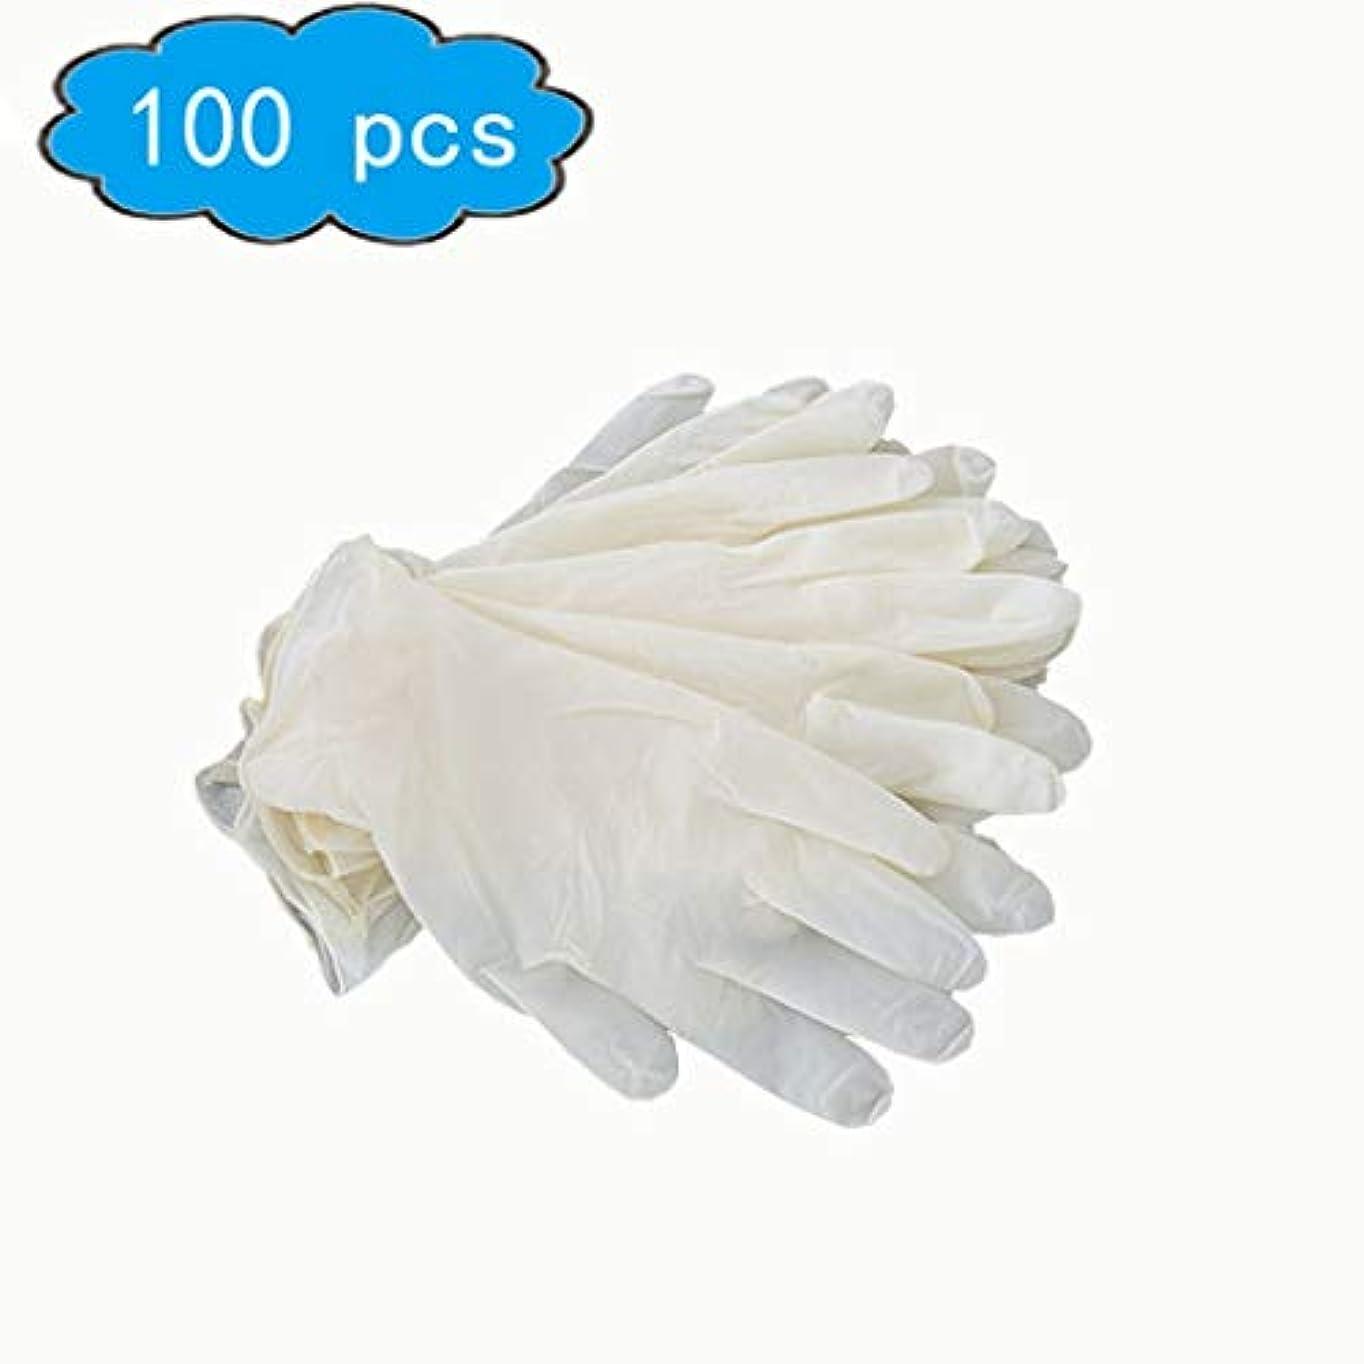 吸収軍団通り抜けるラテックスゴム手袋パウダーフリー/使い捨て食品調理用手袋/キッチンフードサービスクリーニンググローブサイズ中型、100個入り、応急処置用品 (Color : Beige, Size : L)